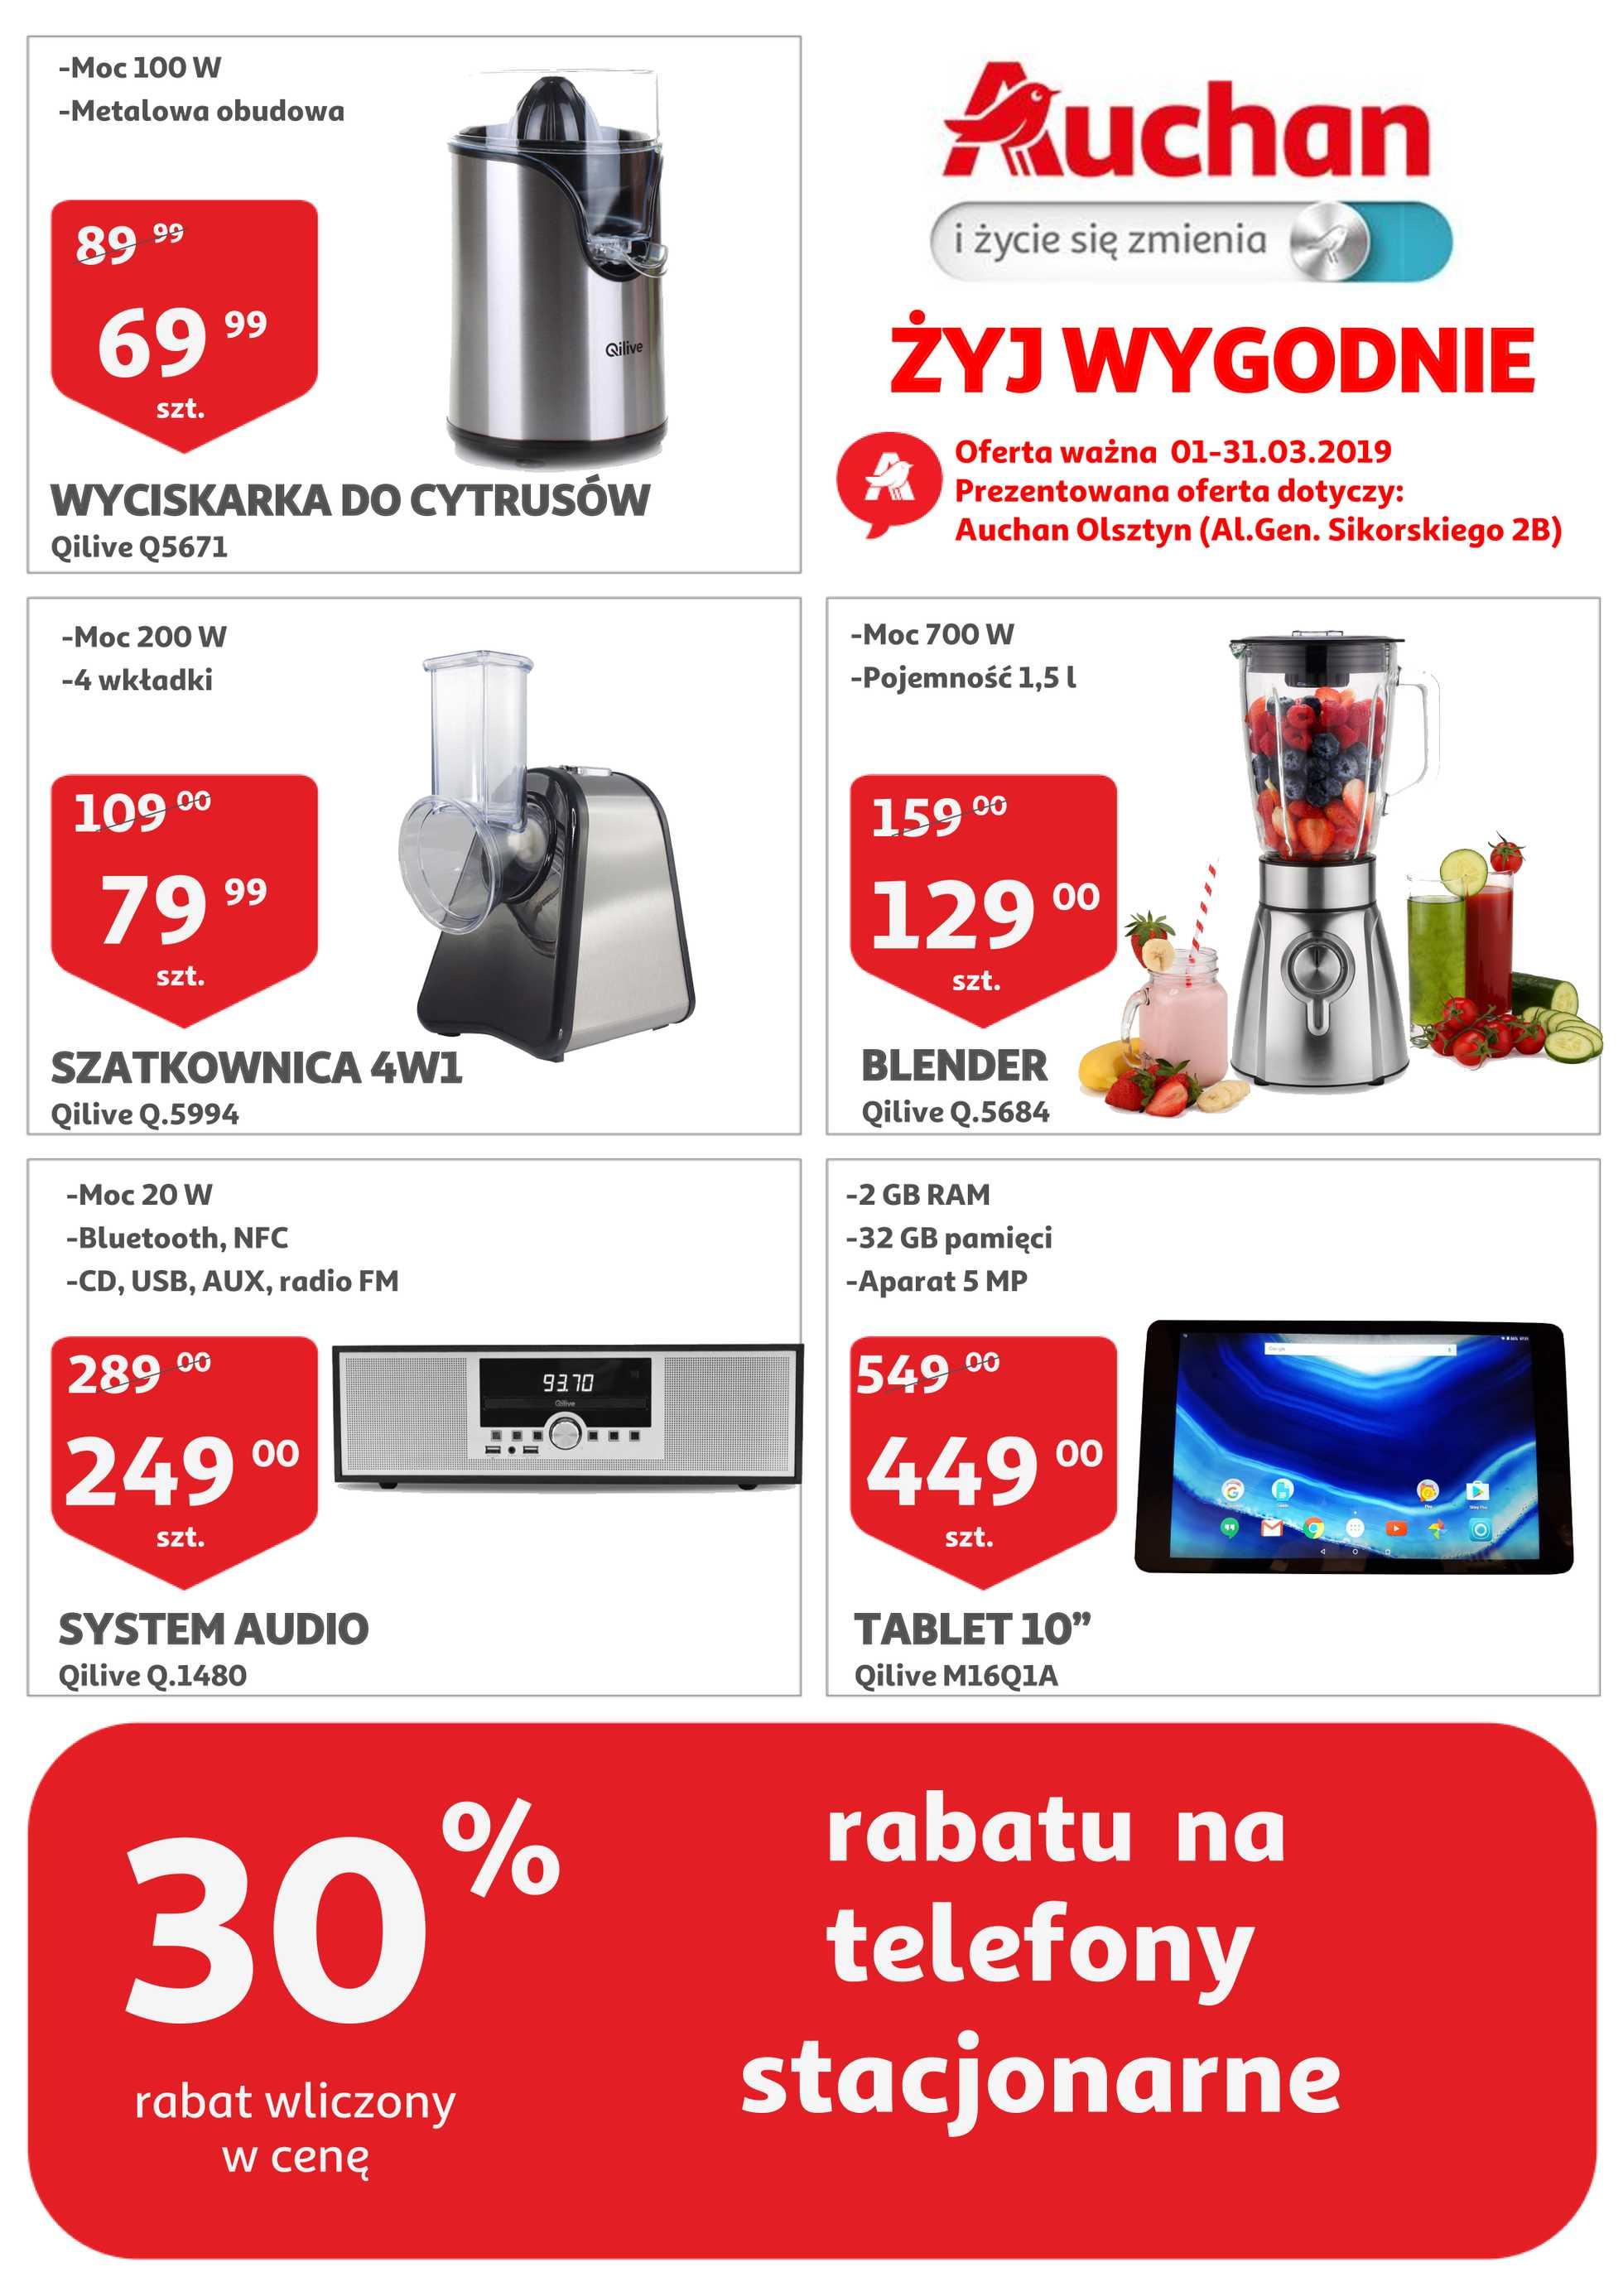 Auchan Gazetka Promocyjna 01 03 2019 Gazetkowo Pl